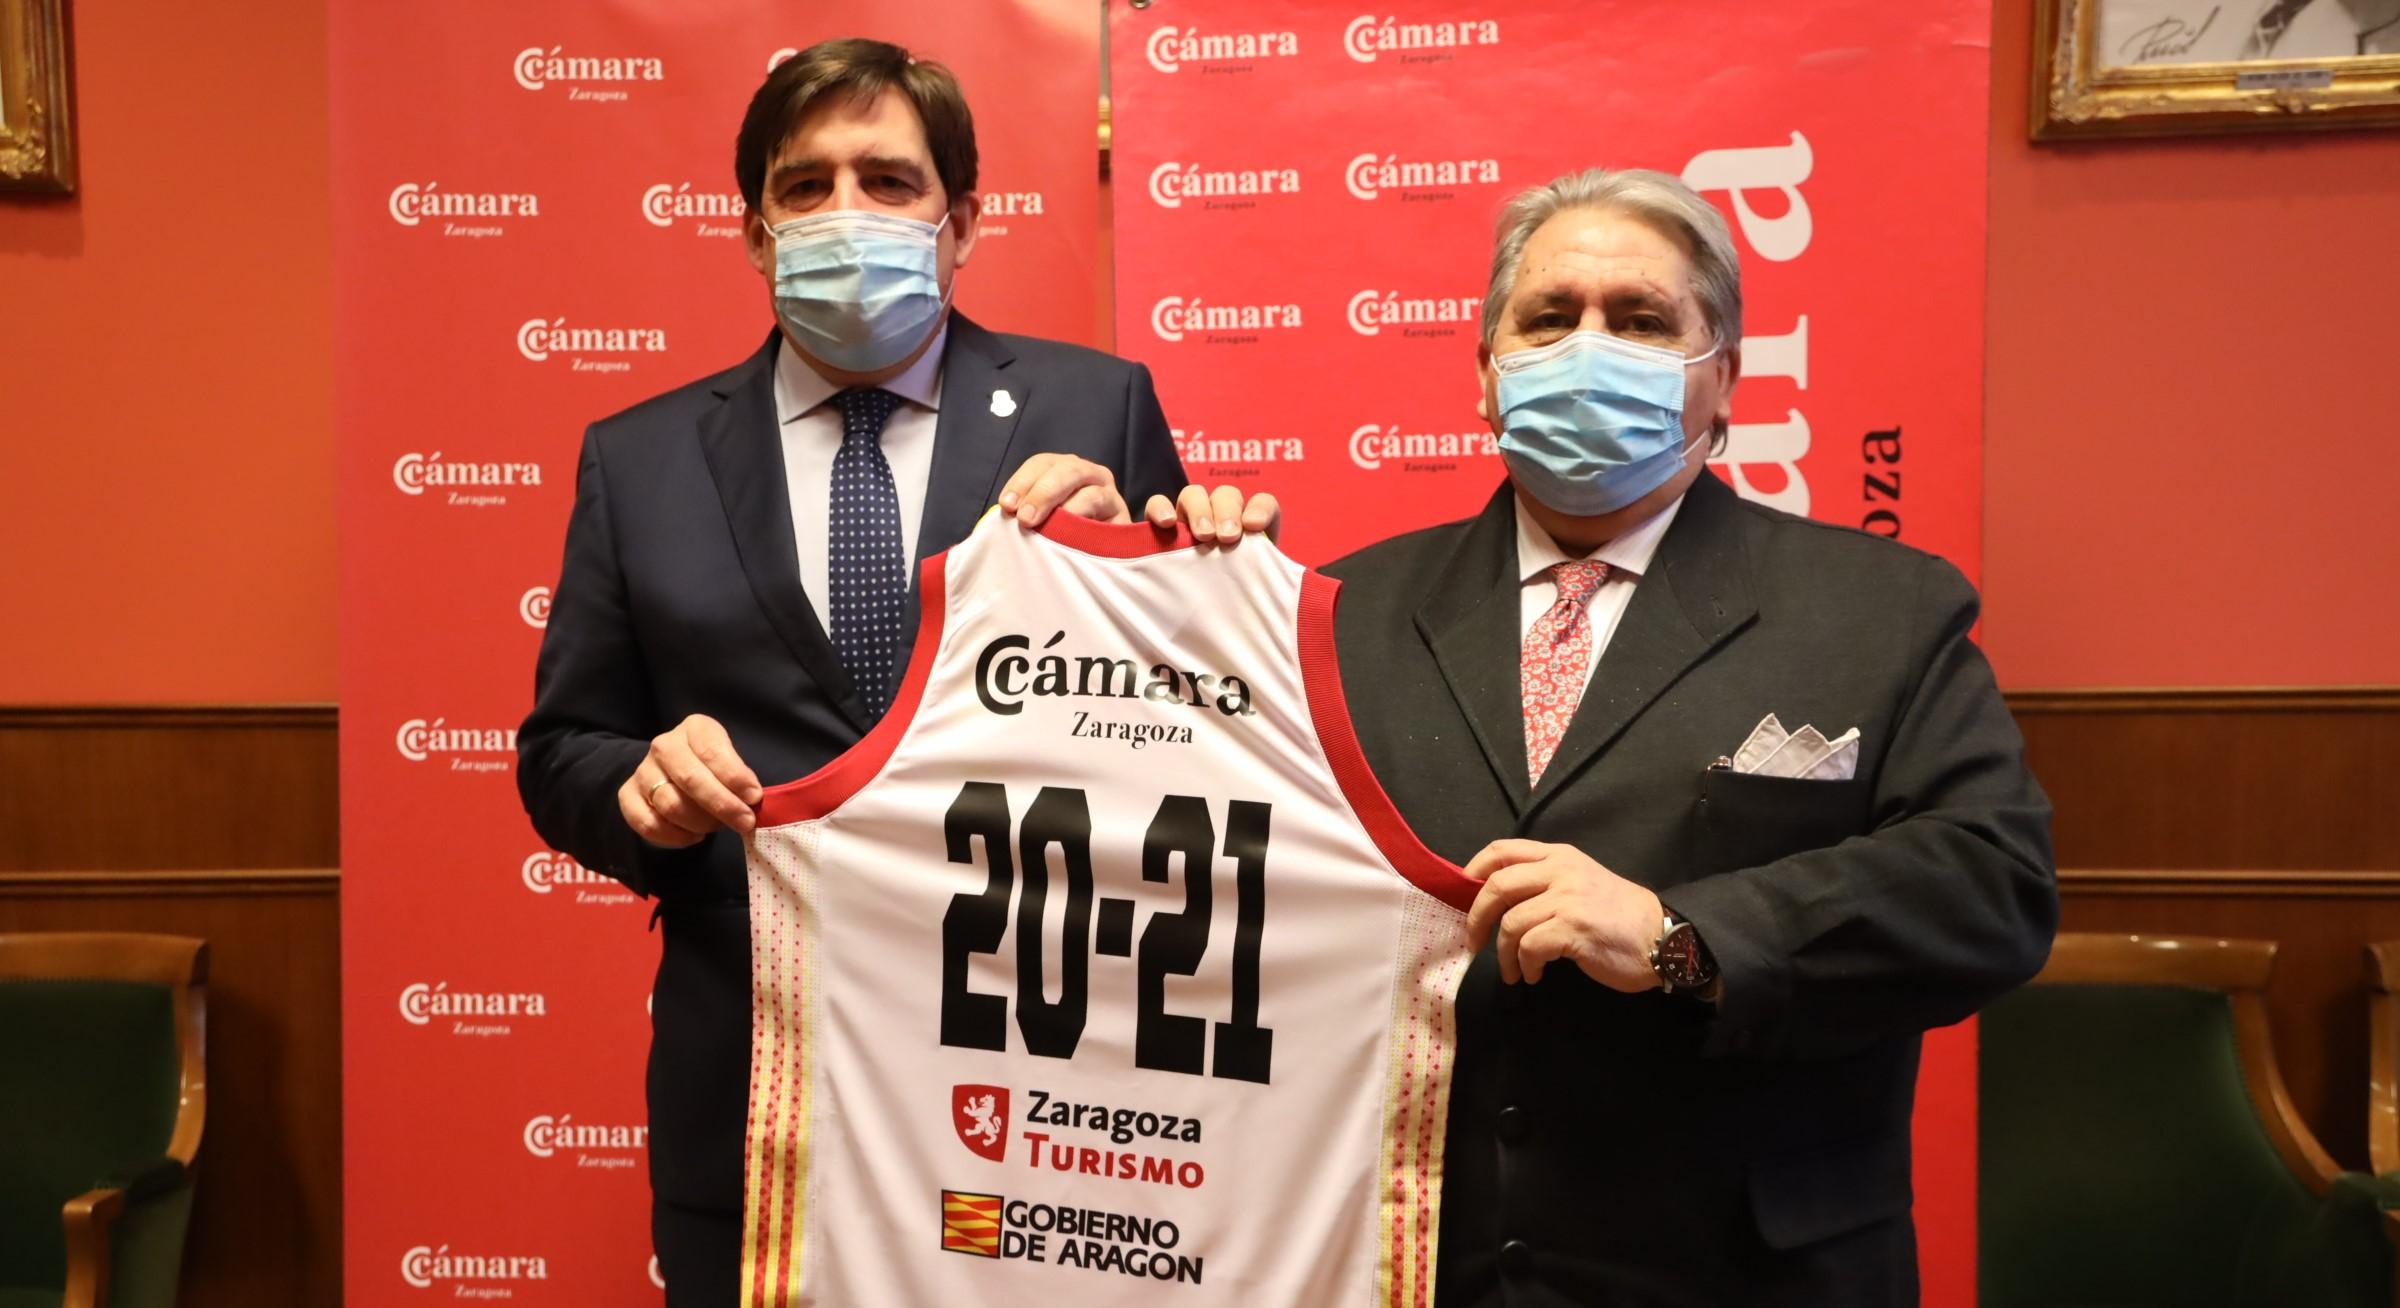 La Cámara y Casademont Zaragoza firman un convenio de colaboración